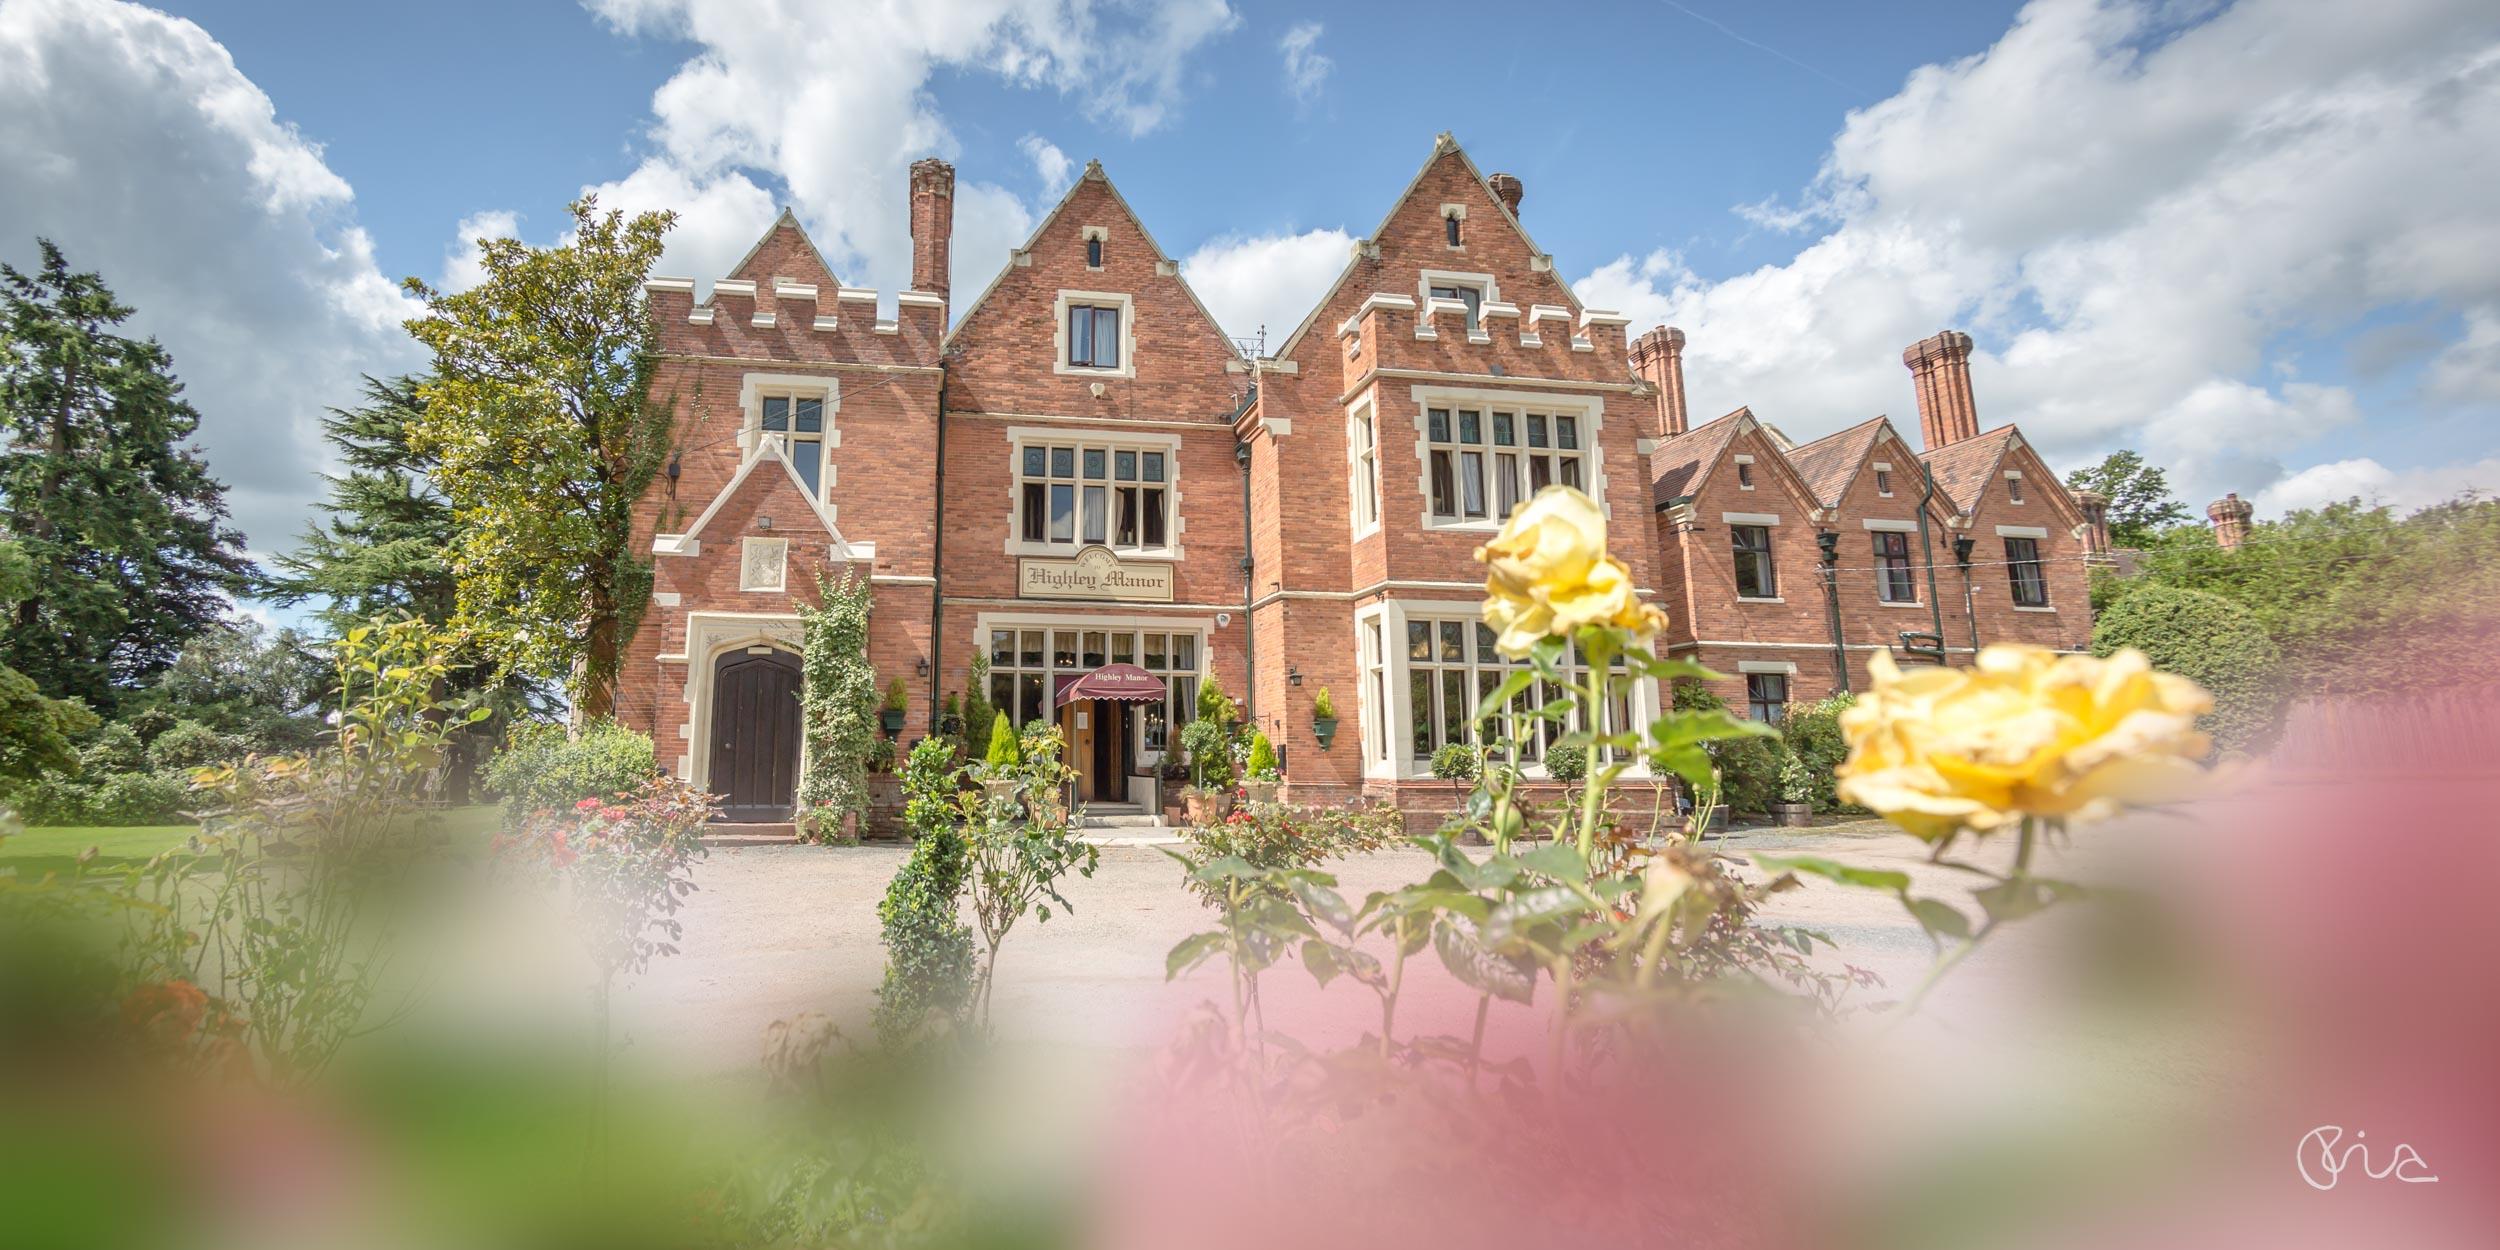 Highley Manor wedding venue